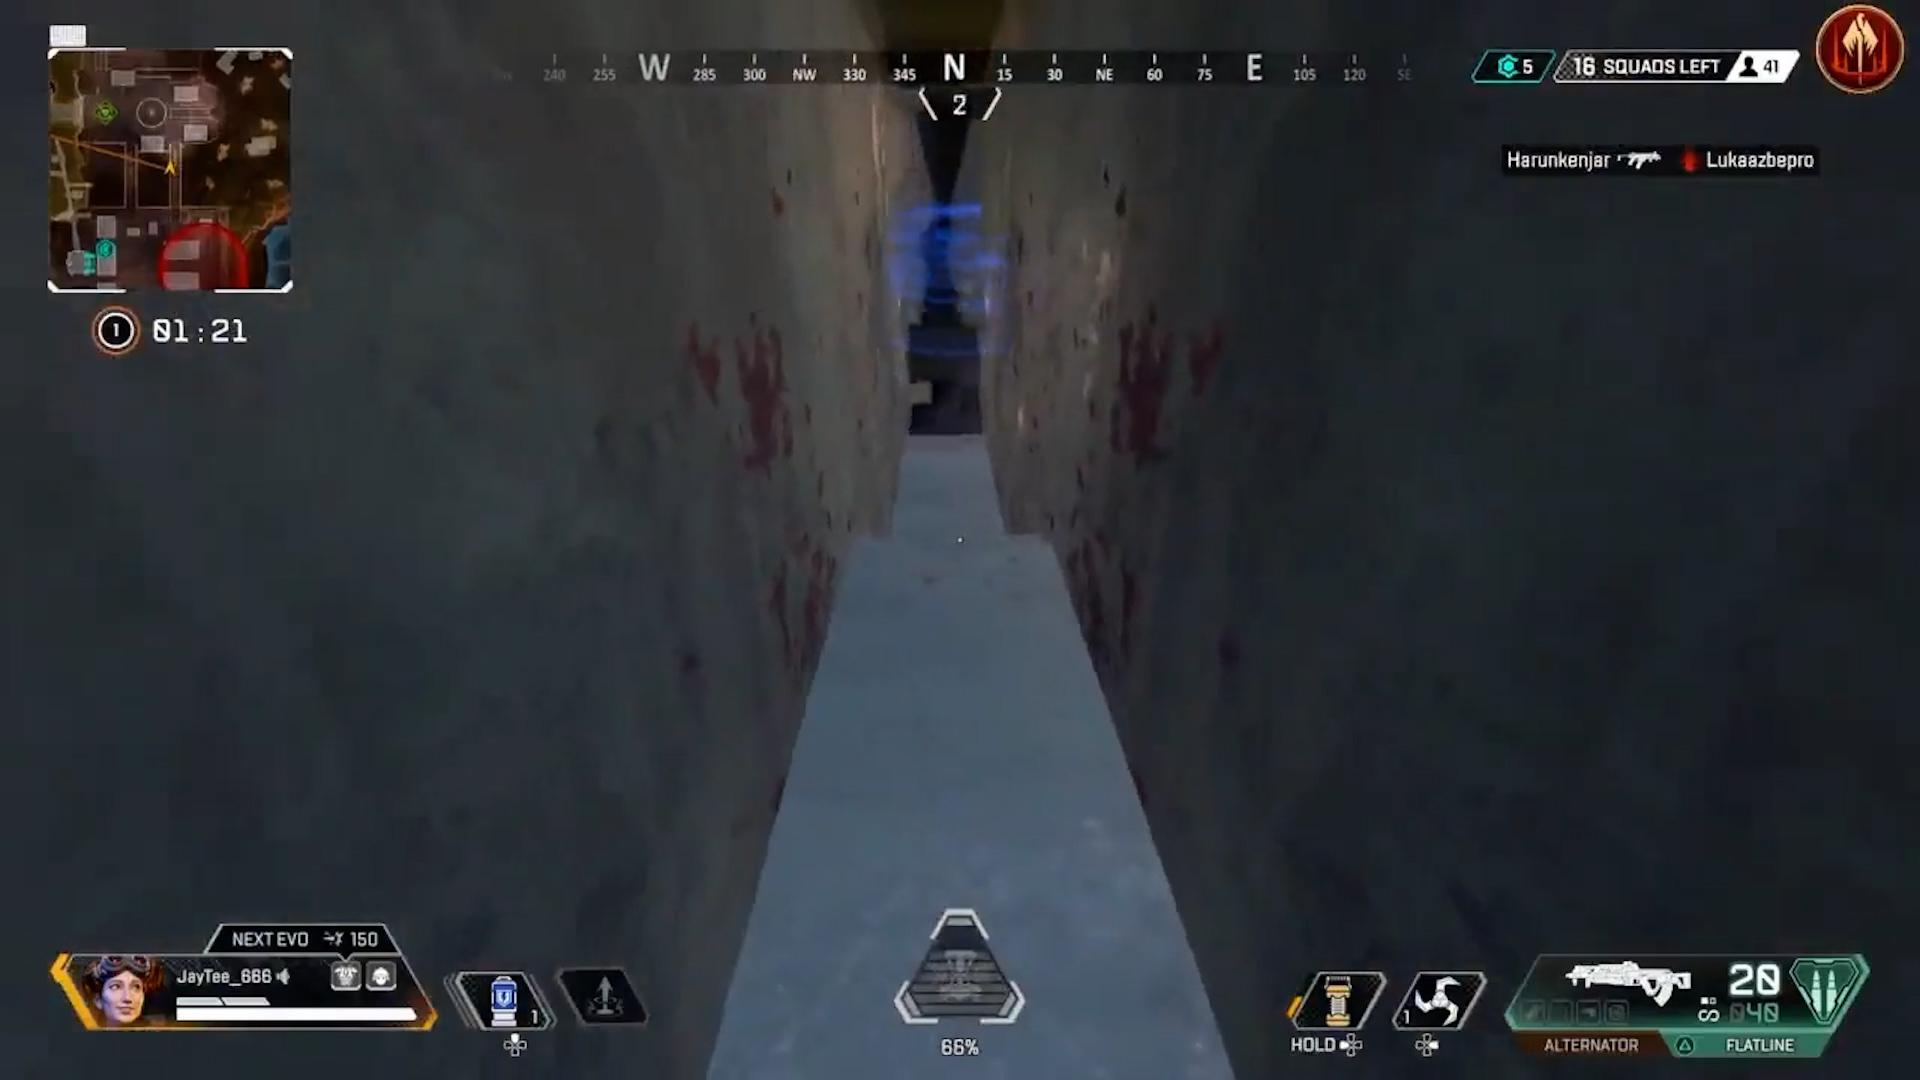 【APEX】ハイドロダムとリパルサーの間にある「橋の下」にホライゾン専用の隠れポジションがあることが発見される